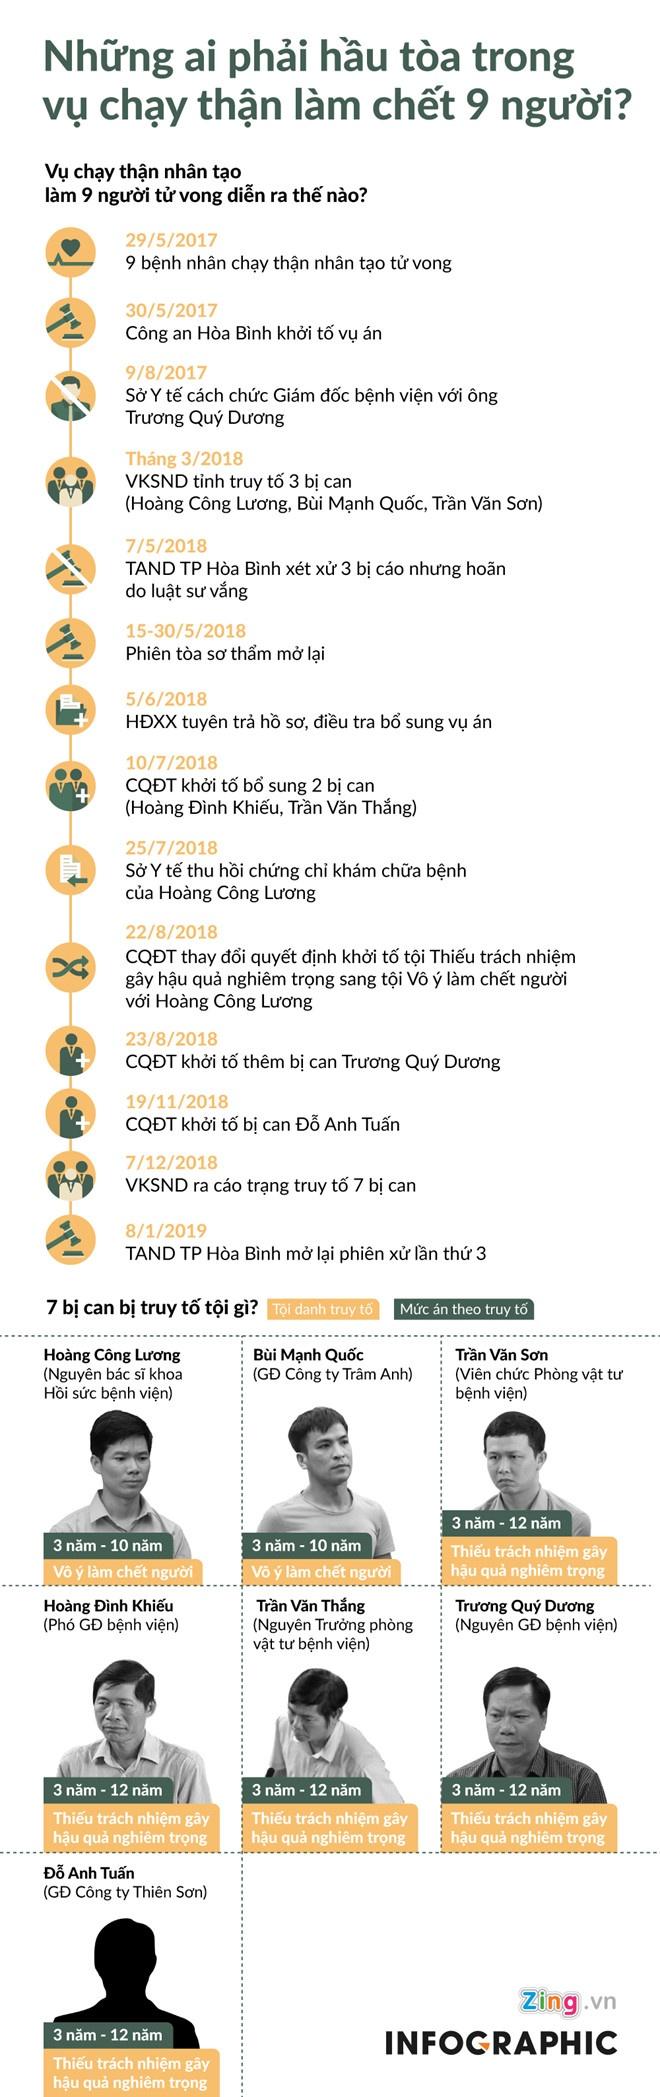 Cuu giam doc Benh vien da khoa Hoa Binh: 'Bi cao xin duoc noi tu dau' hinh anh 3